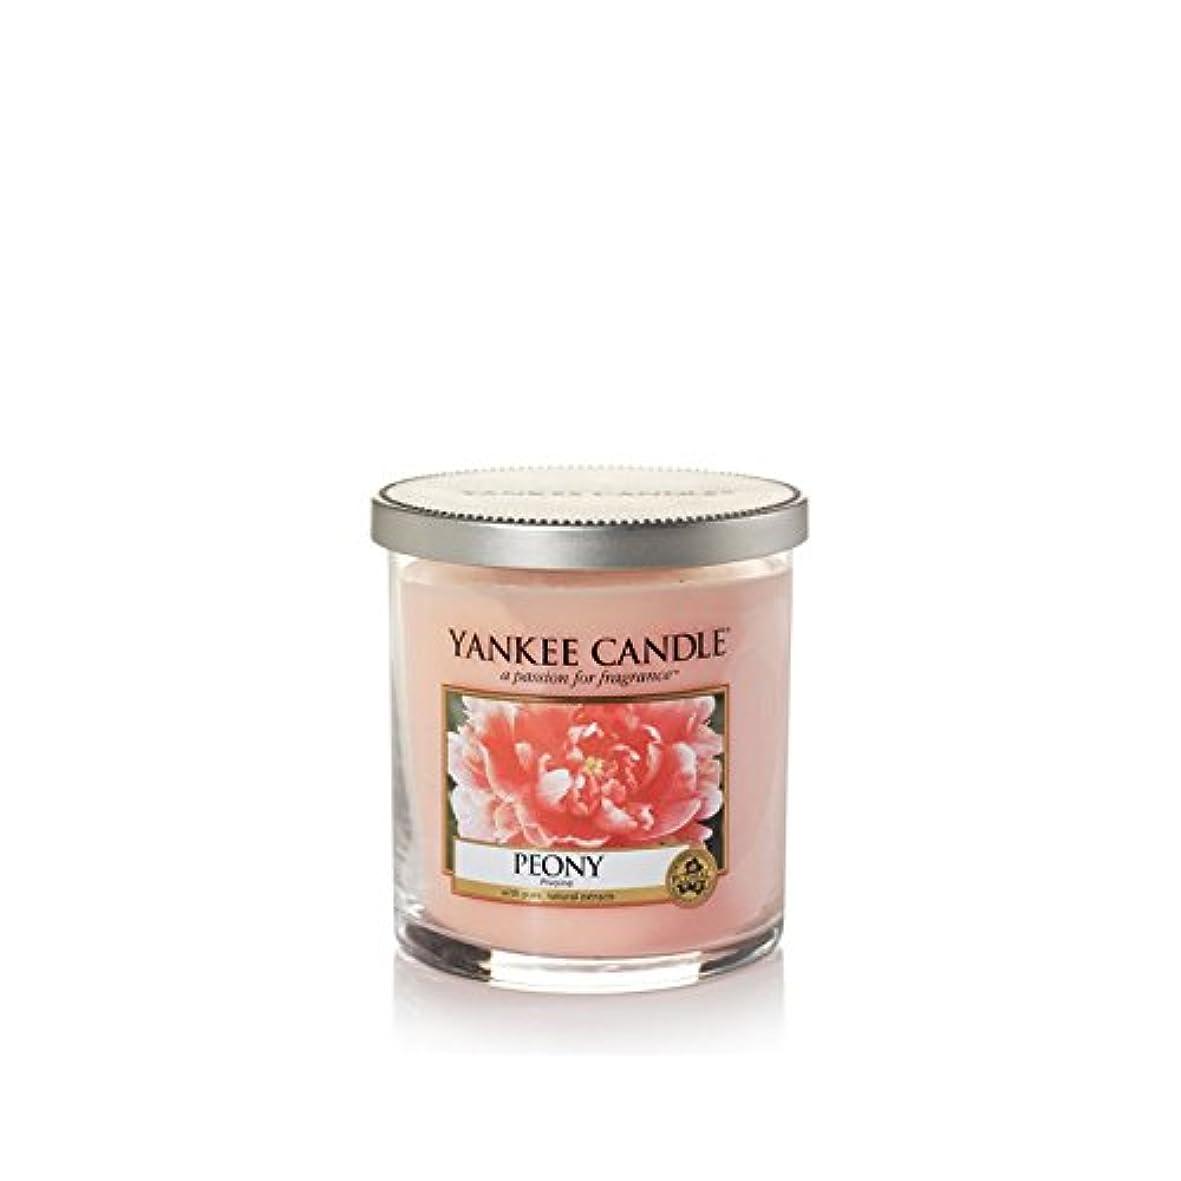 タバコ好戦的なきゅうりYankee Candles Small Pillar Candle - Peony (Pack of 2) - ヤンキーキャンドルの小さな柱キャンドル - 牡丹 (x2) [並行輸入品]